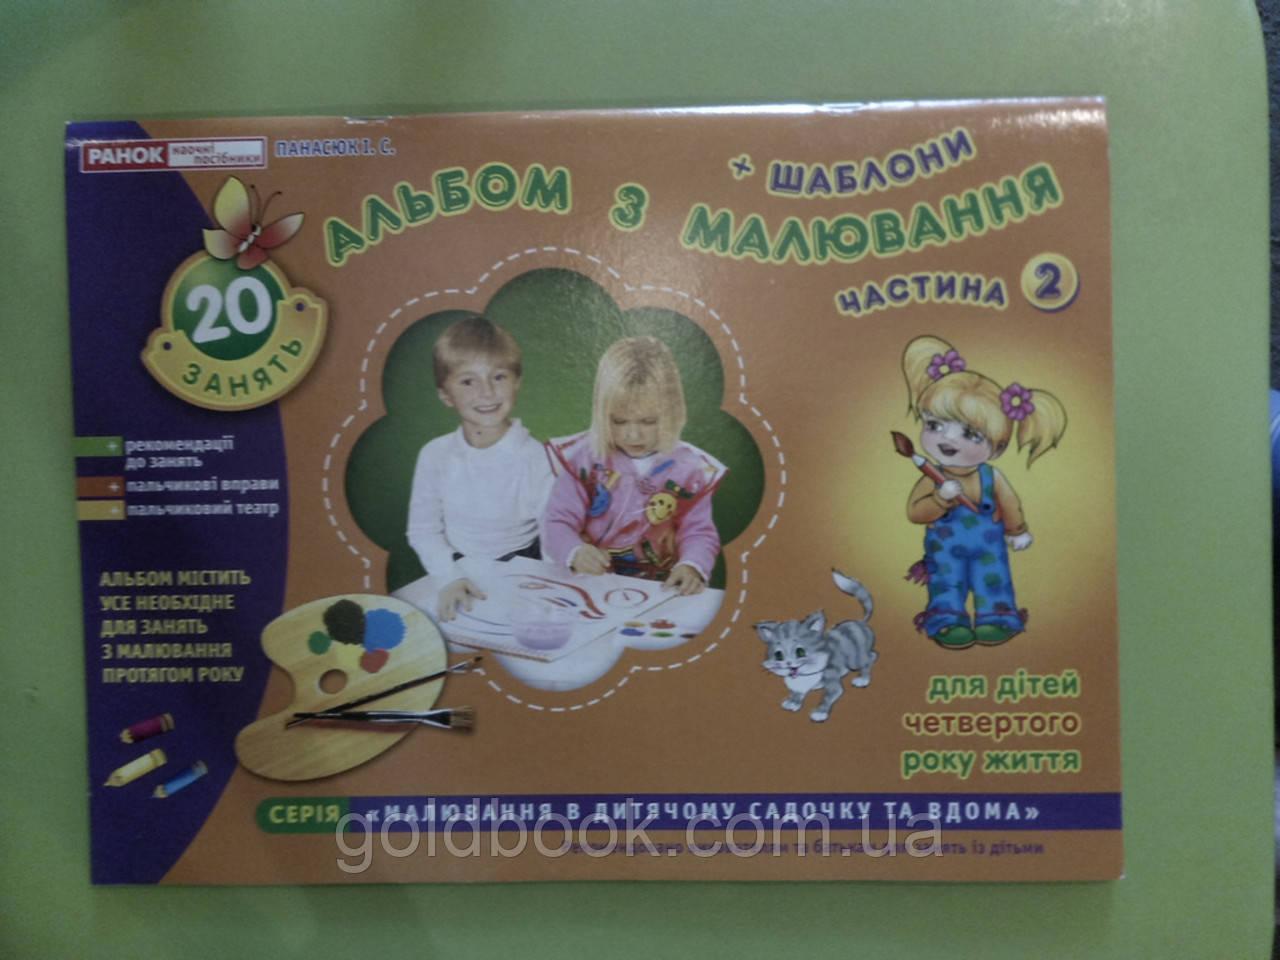 Альбом з малювання, для дітей четвертого року життя, ІІ частина.